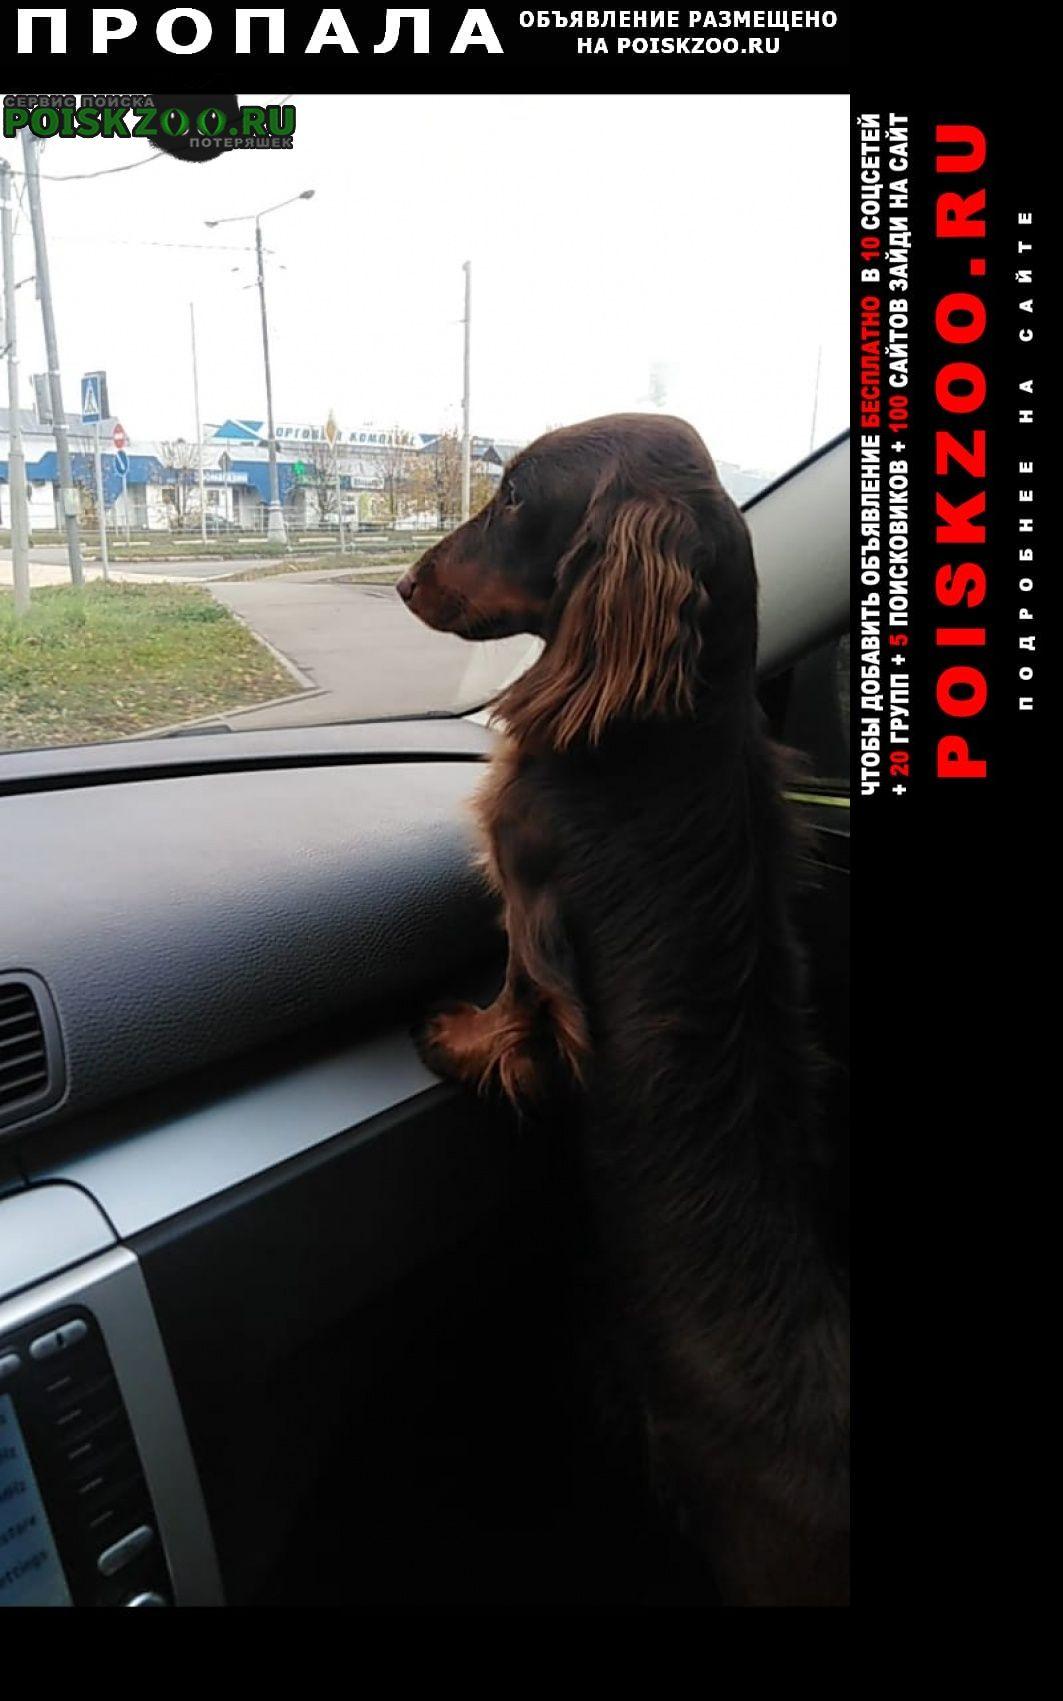 Пропала собака кобель длинношерстной таксы Пущино